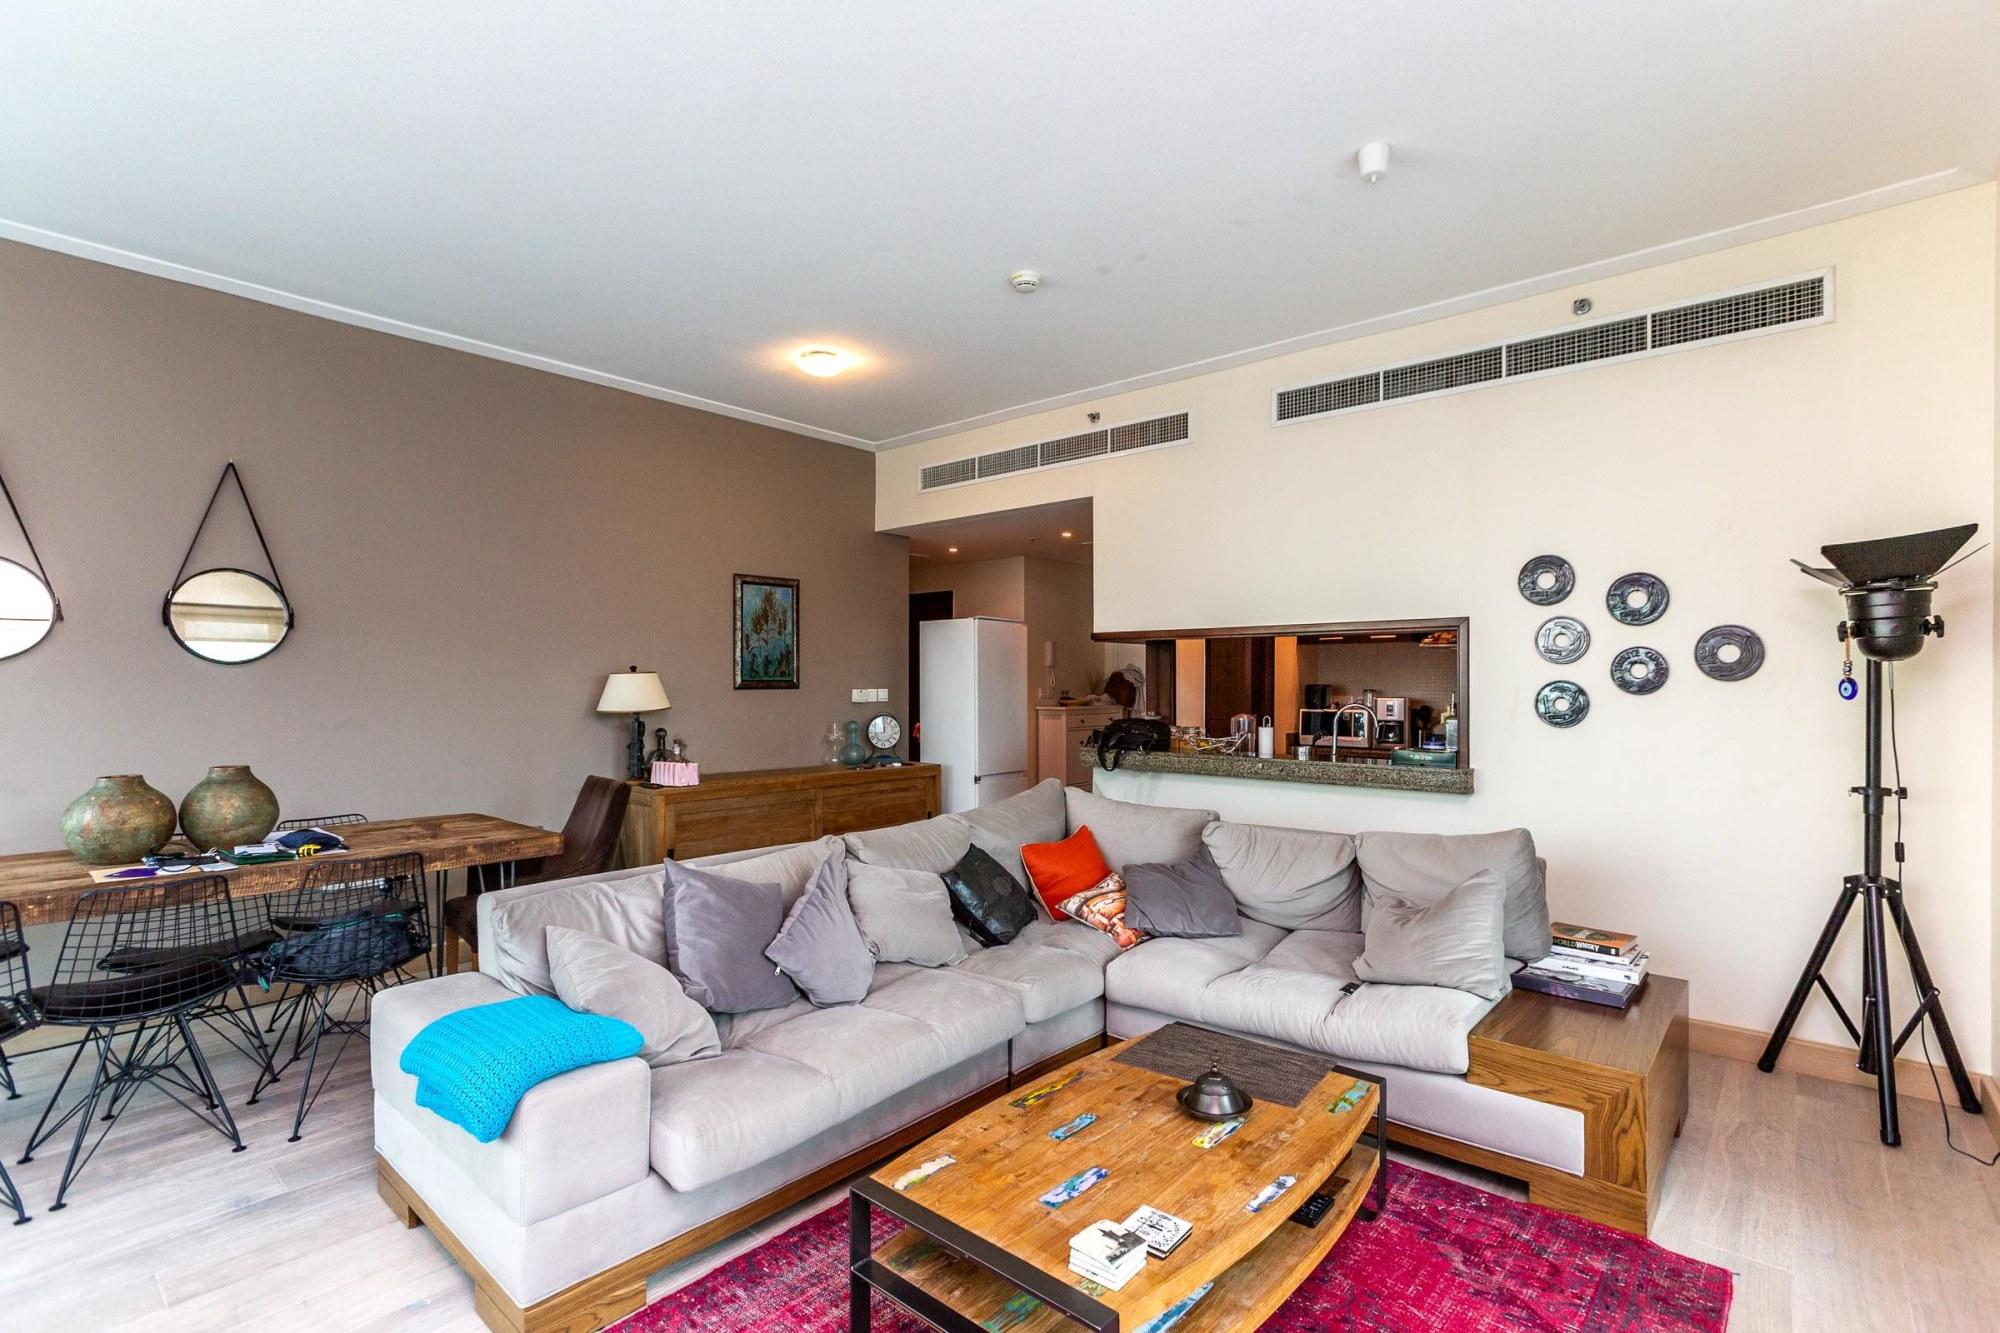 Two Bedroom with Hardwood Floor | Marina view